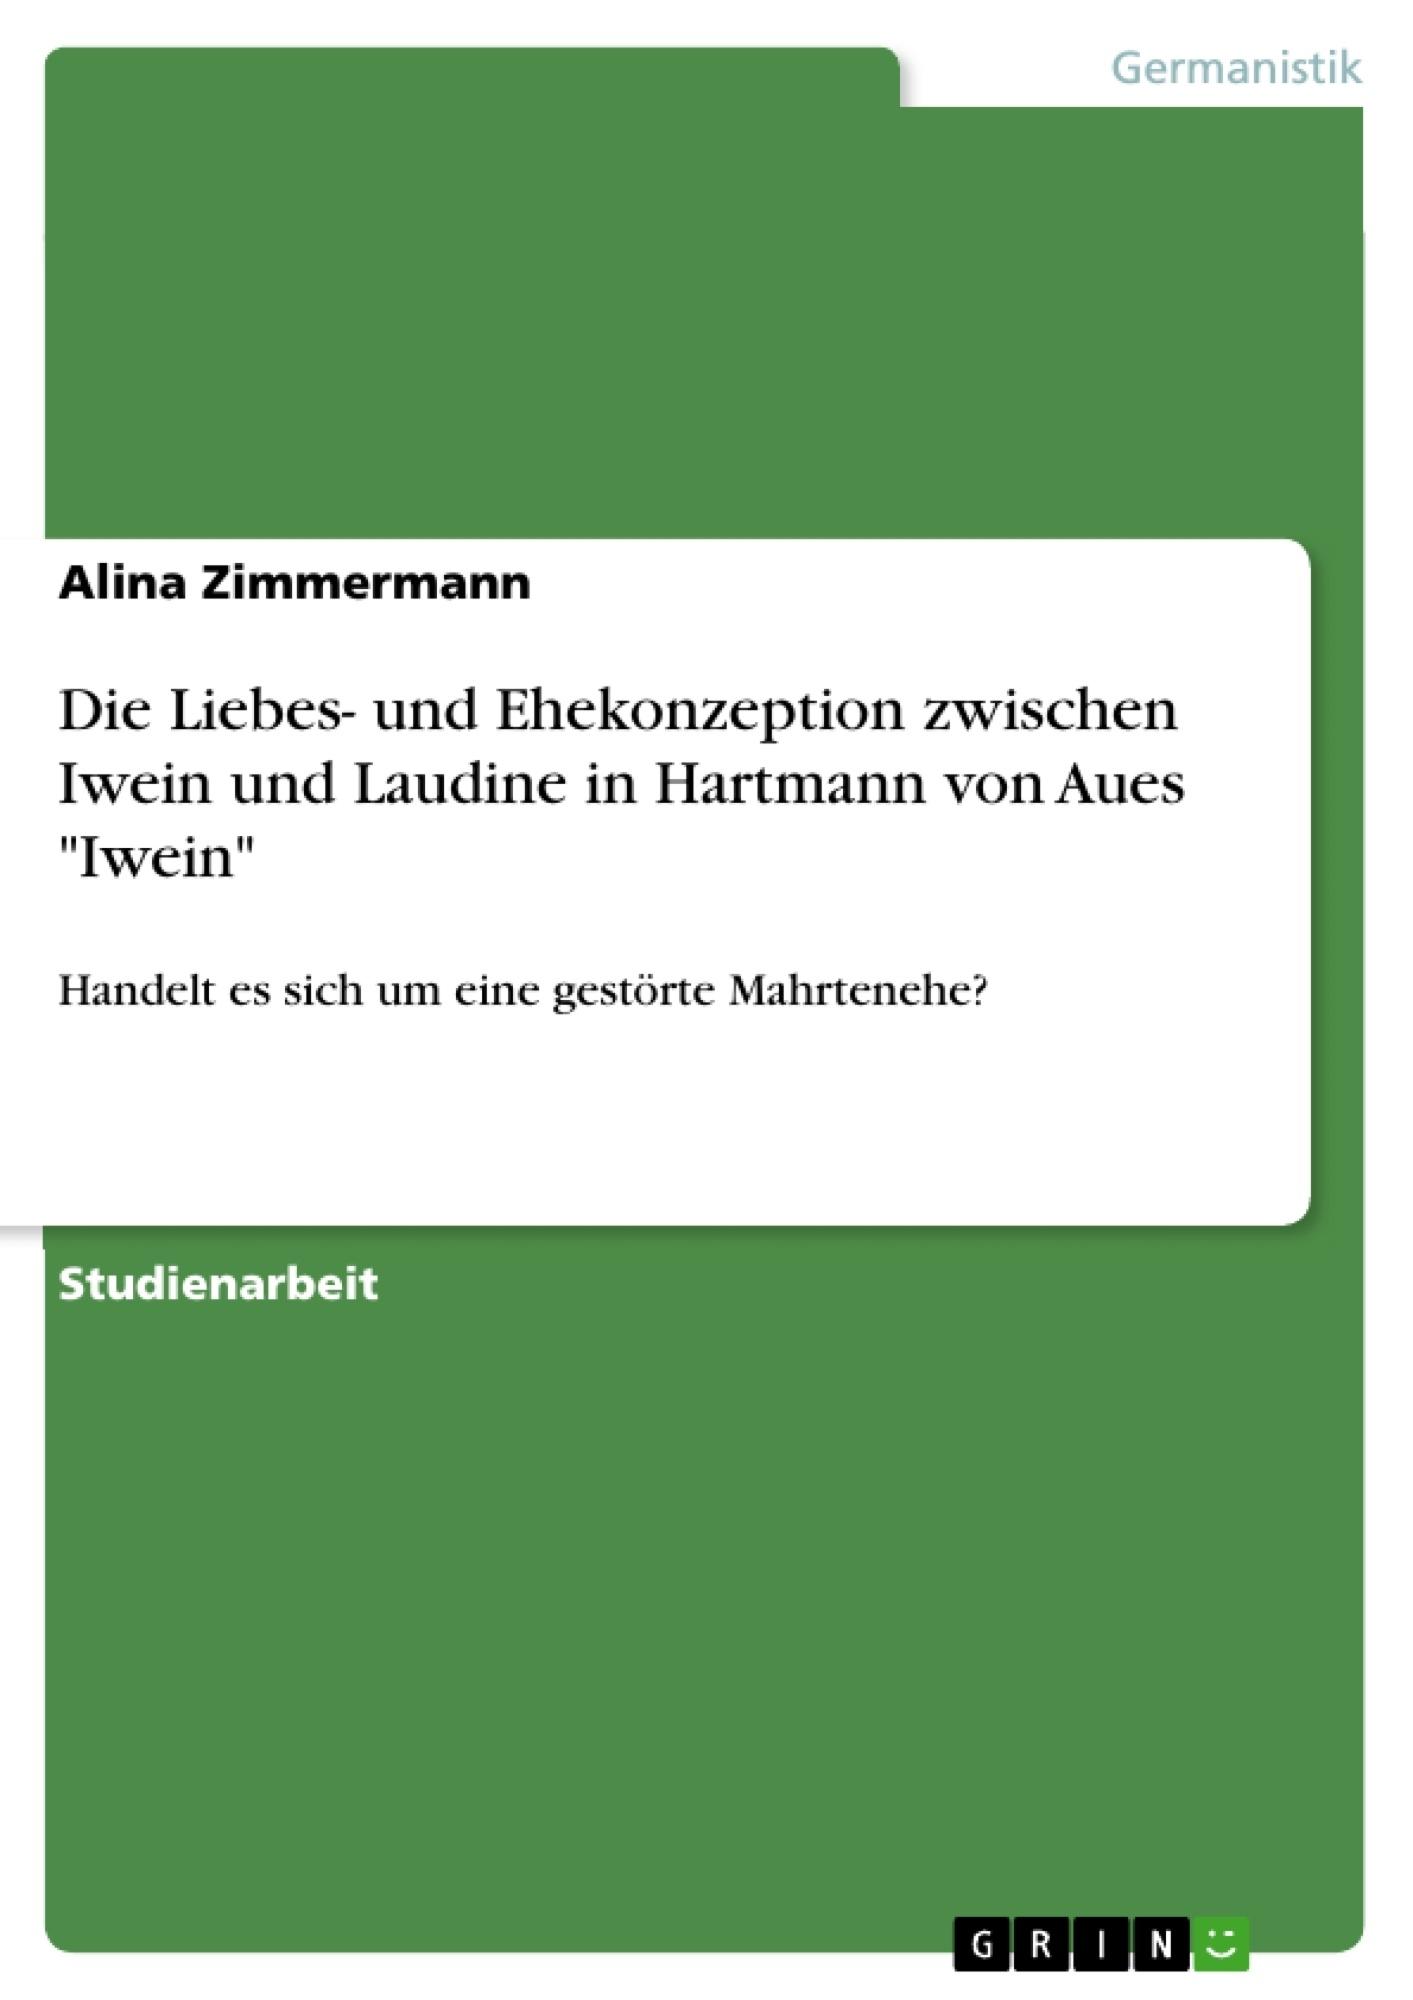 """Titel: Die Liebes- und Ehekonzeption zwischen Iwein und Laudine in Hartmann von Aues """"Iwein"""""""